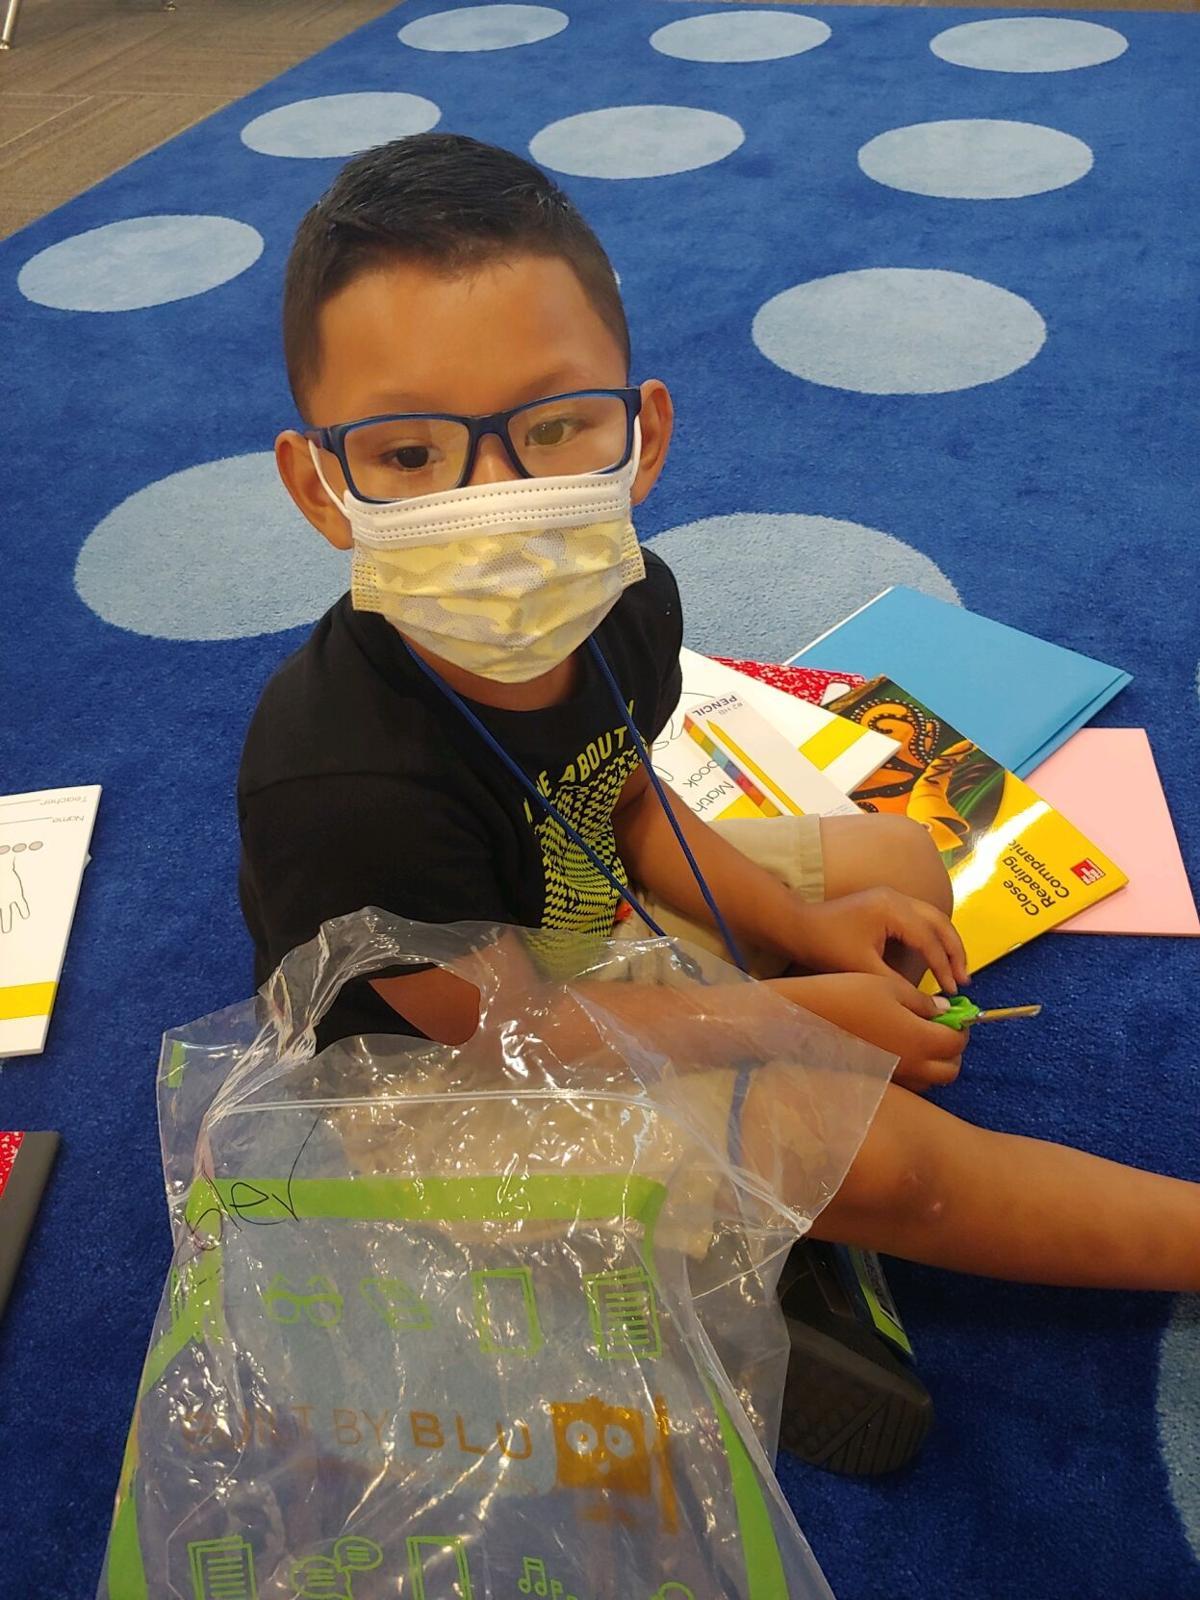 McDivitt Law Firm donates school supplies to Centennial Elementary